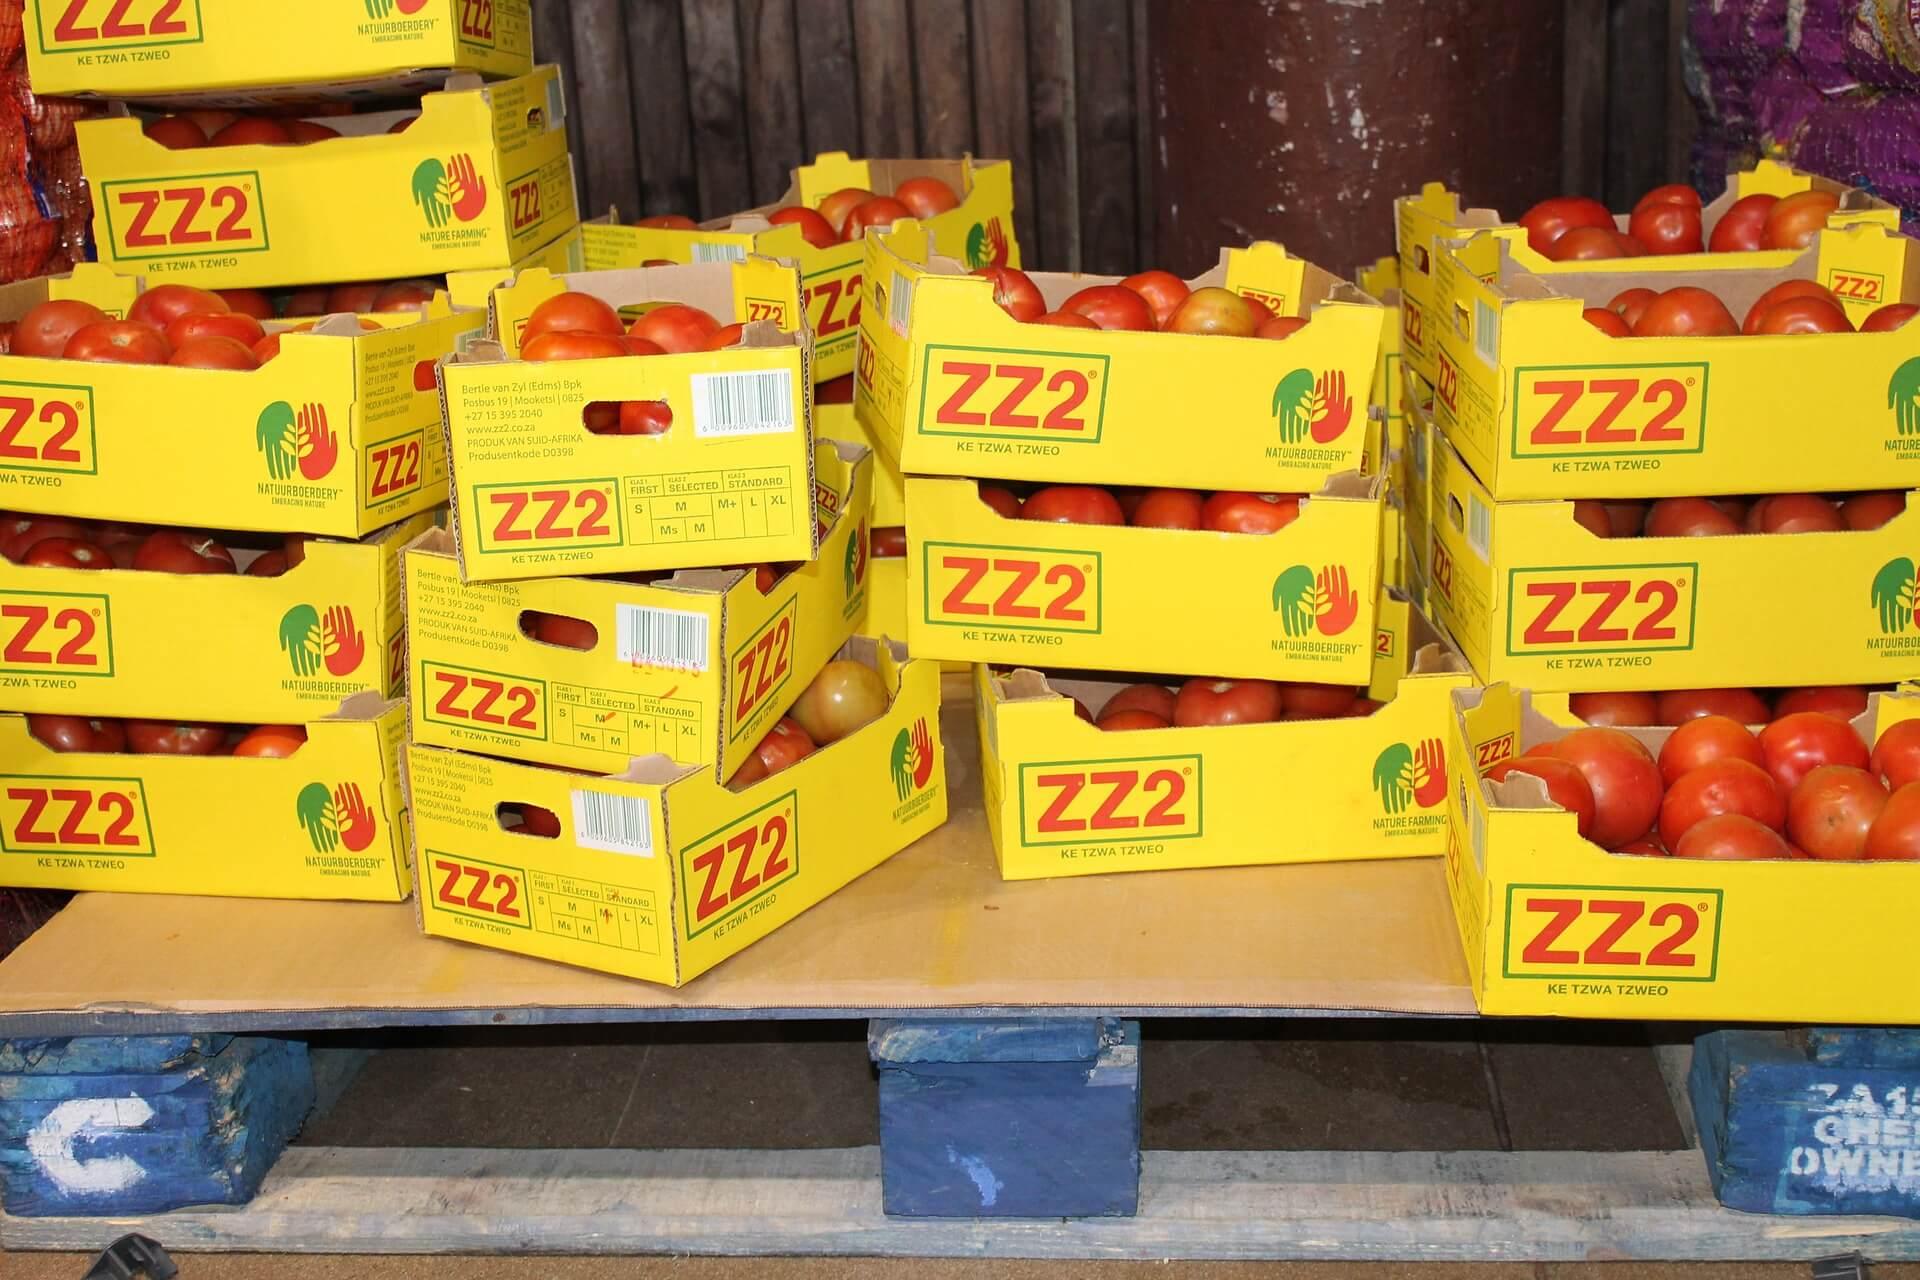 食品の輸入は誰でもできる!? | 食品輸入に必要な手続き・検査・流れを解説